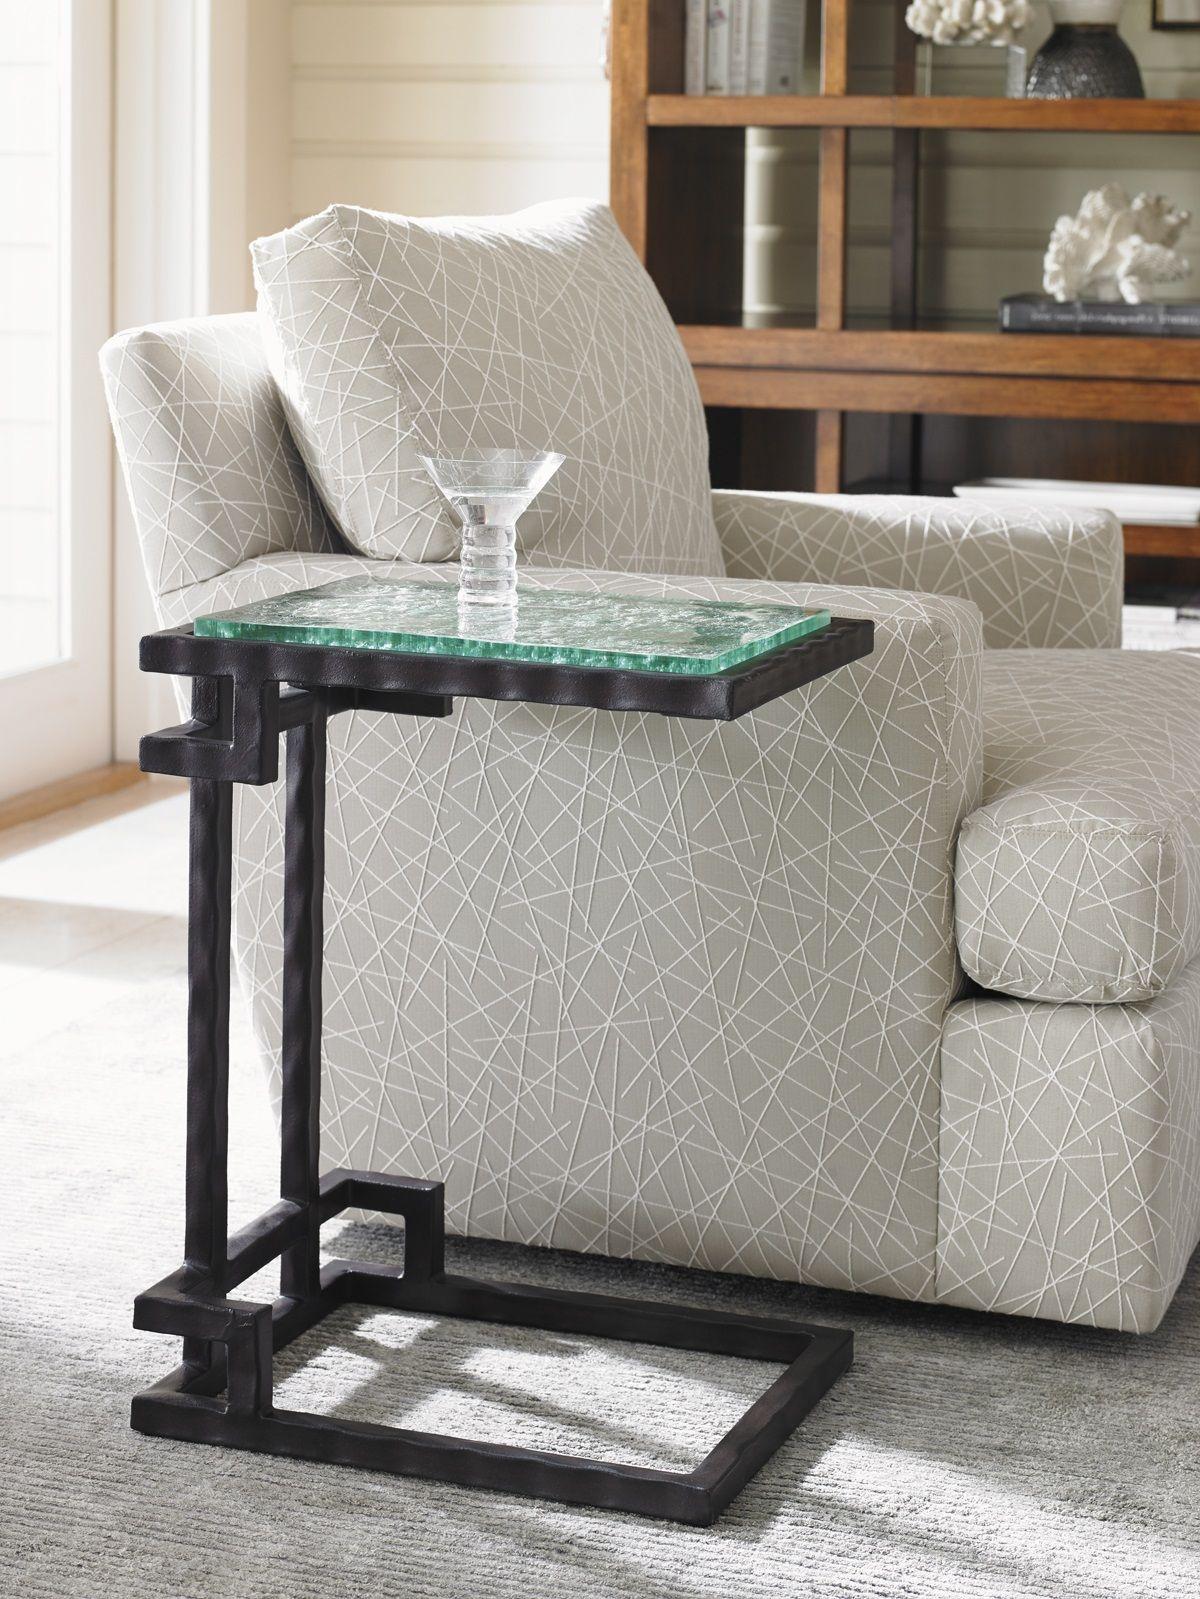 Living Room Living Room Table Living Room Table Ideas End Table